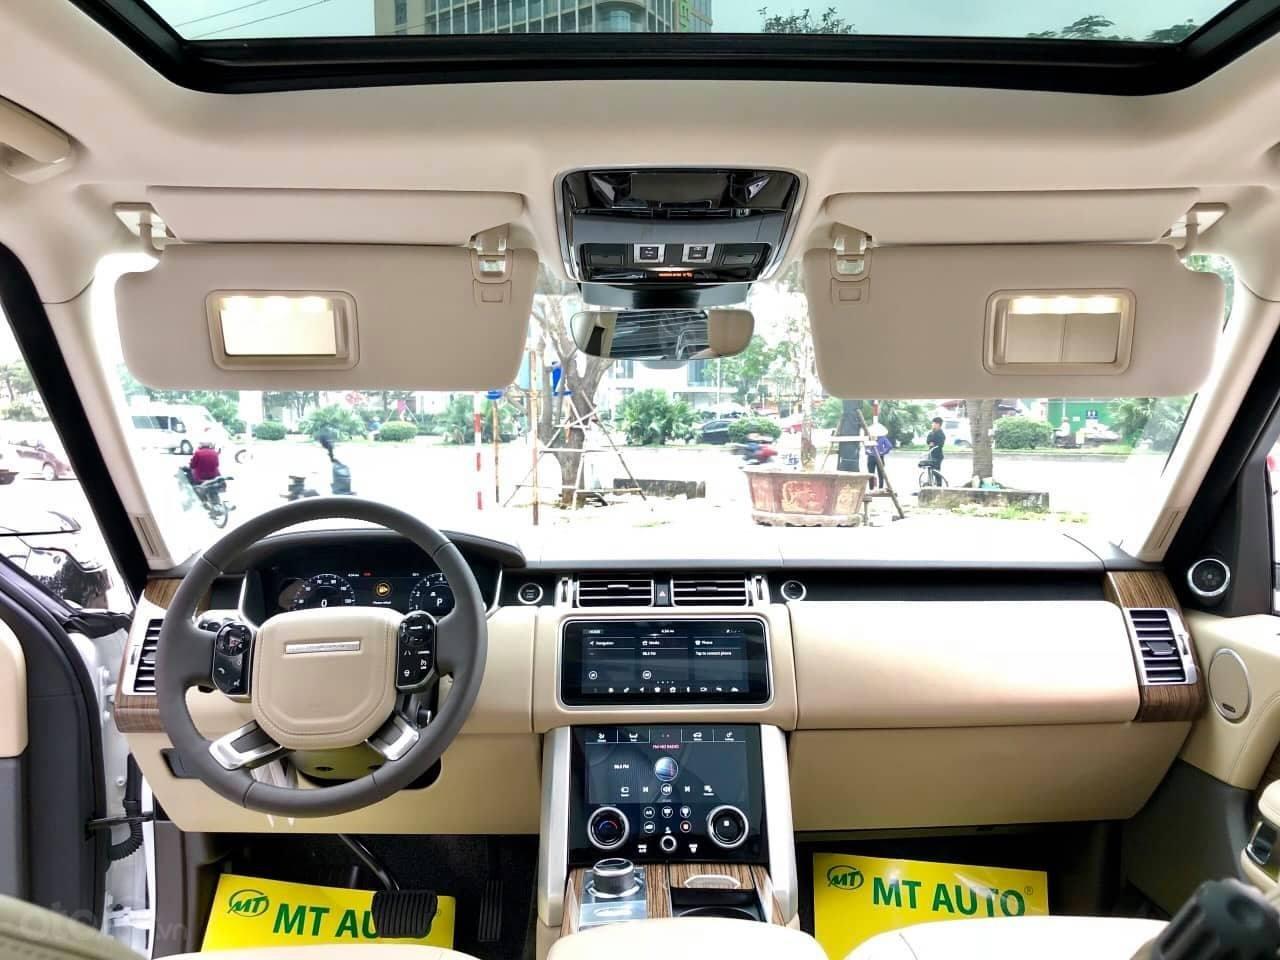 Bán ô tô LandRover Range Rover HSE đời 2018, màu trắng, nhập khẩu nguyên chiếc, LH 0905098888 - 0982.84.2838 (10)